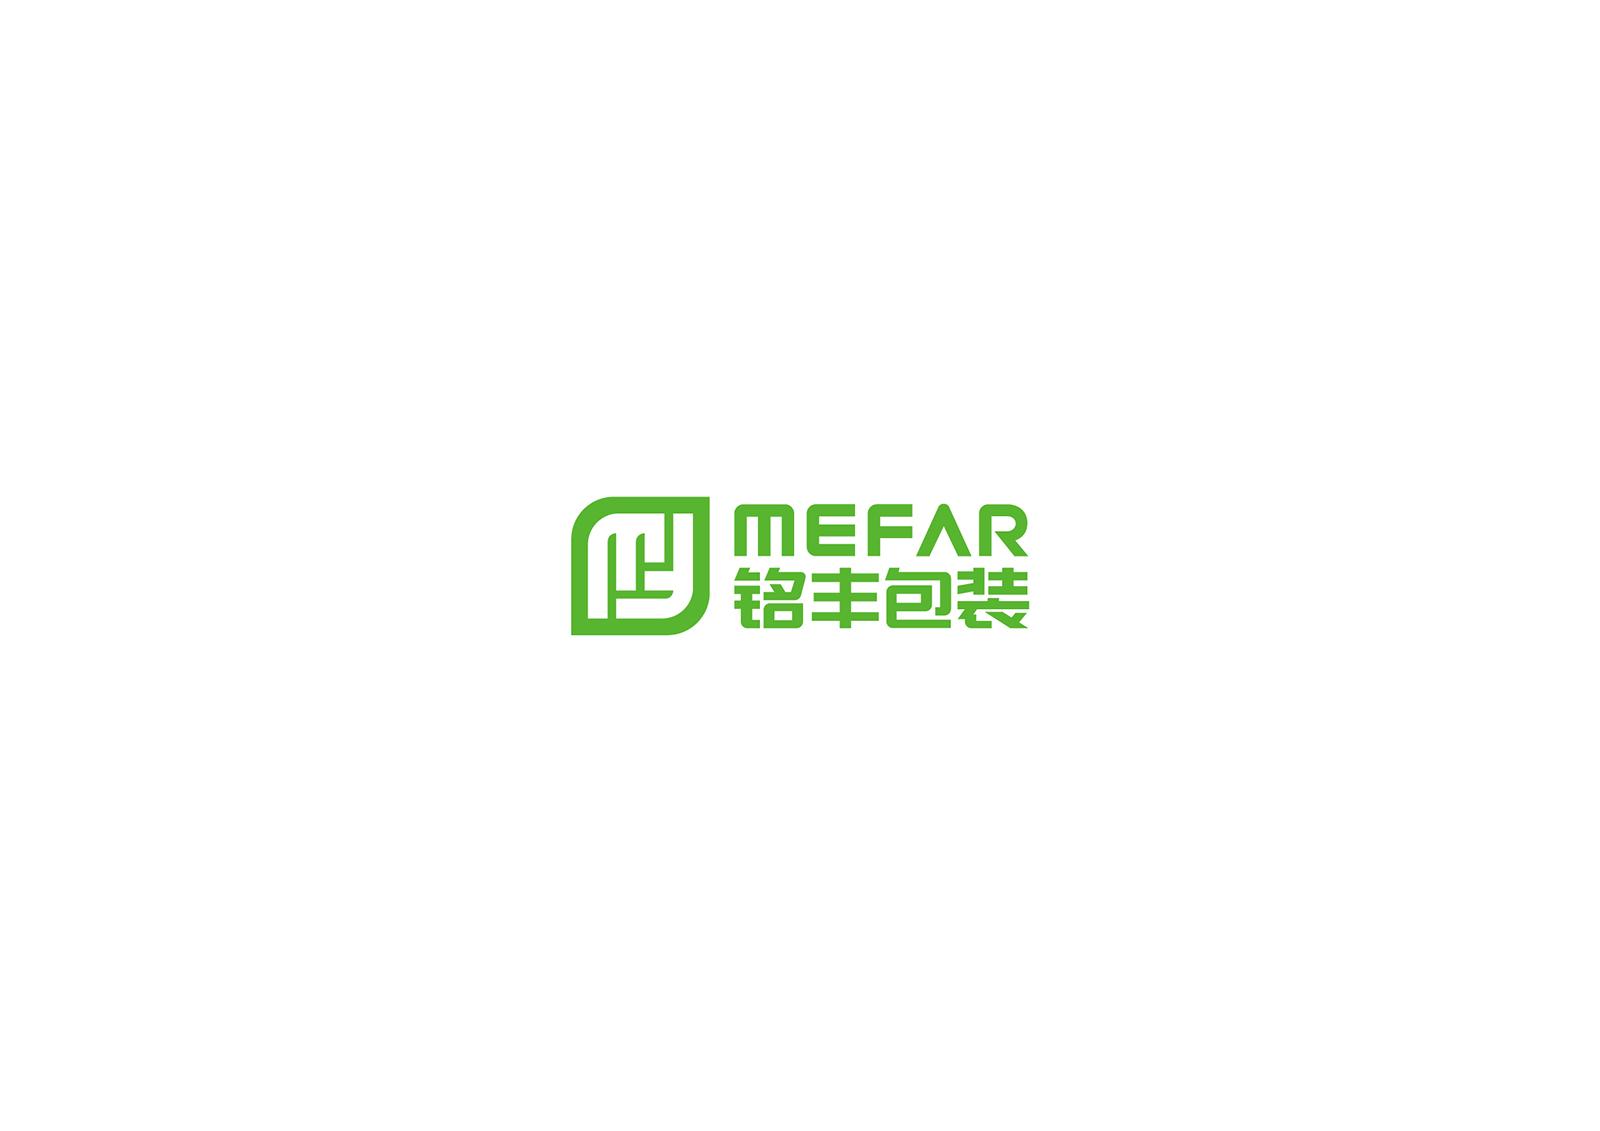 MEFAR铭丰包装品牌形象设计优化提升-深圳VI设计4